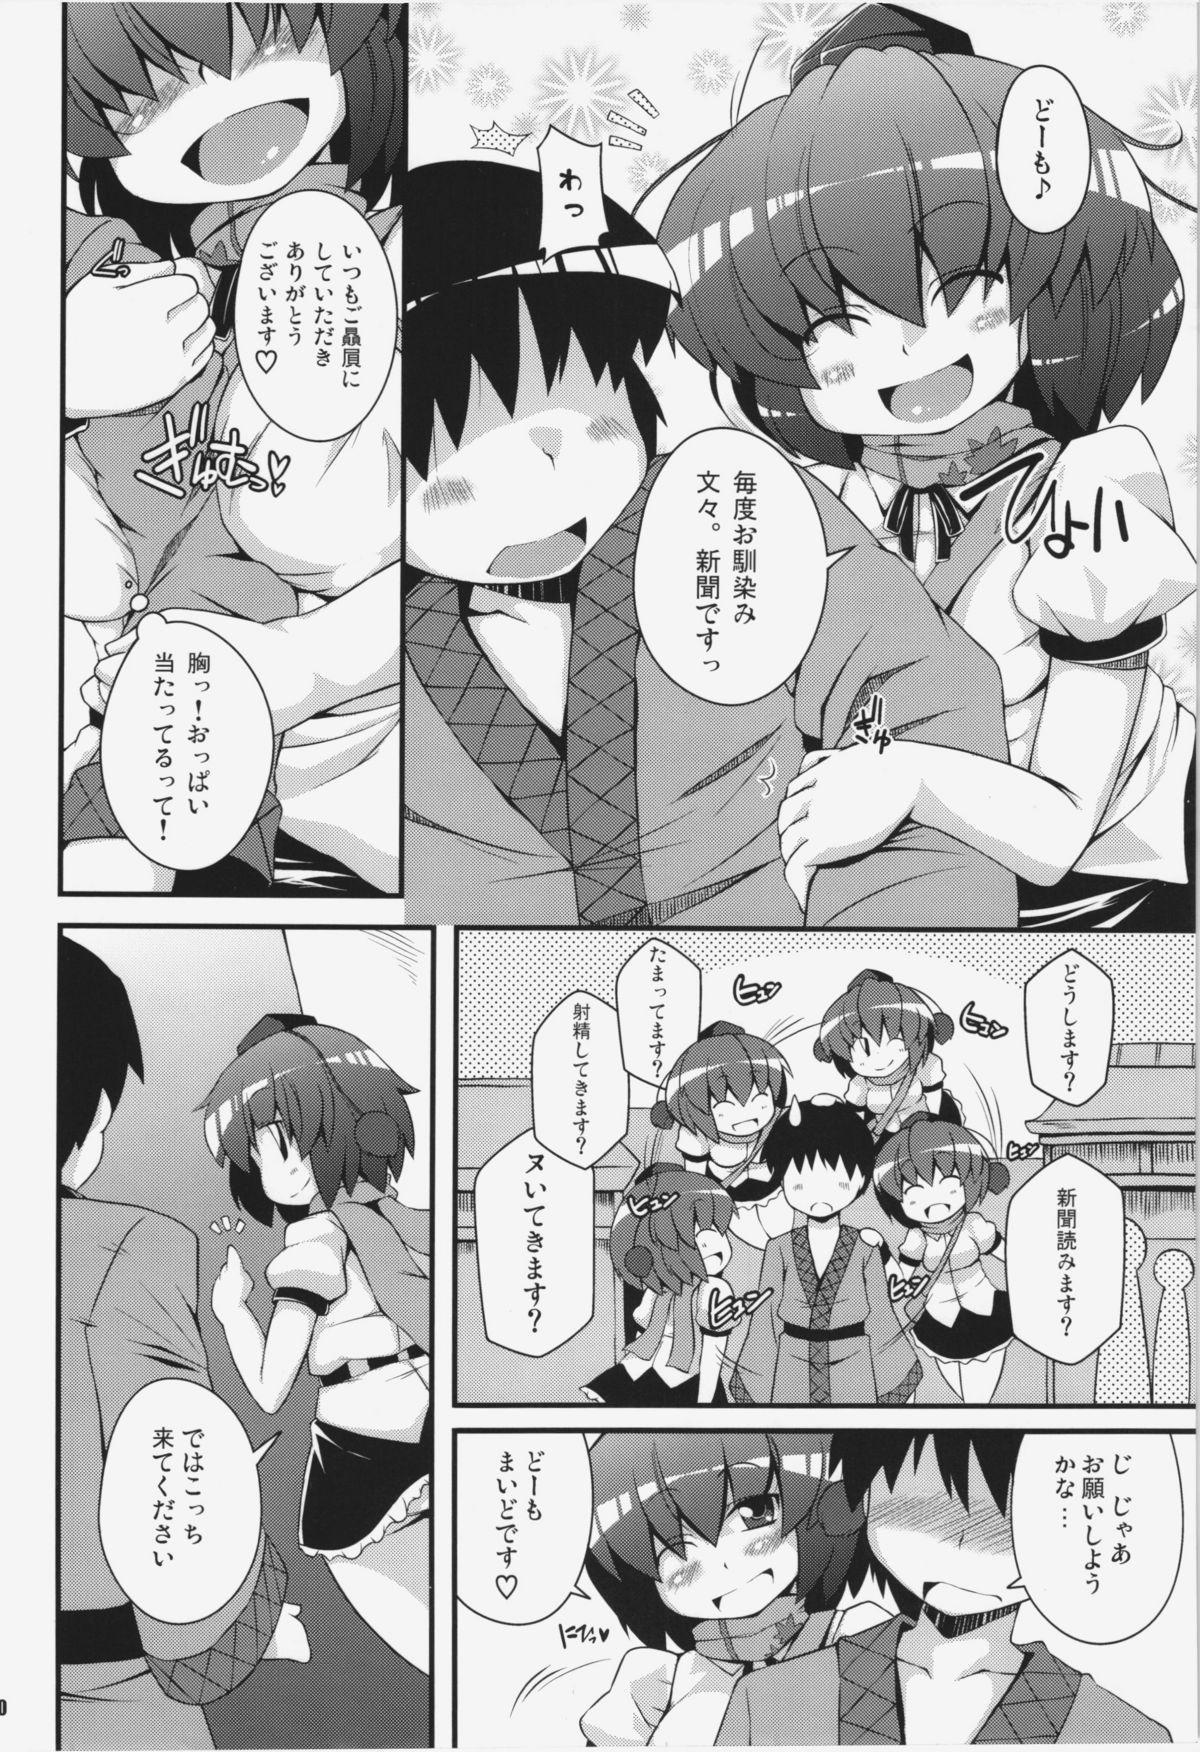 Ketsu darake Touhou Soushuuhen + 109